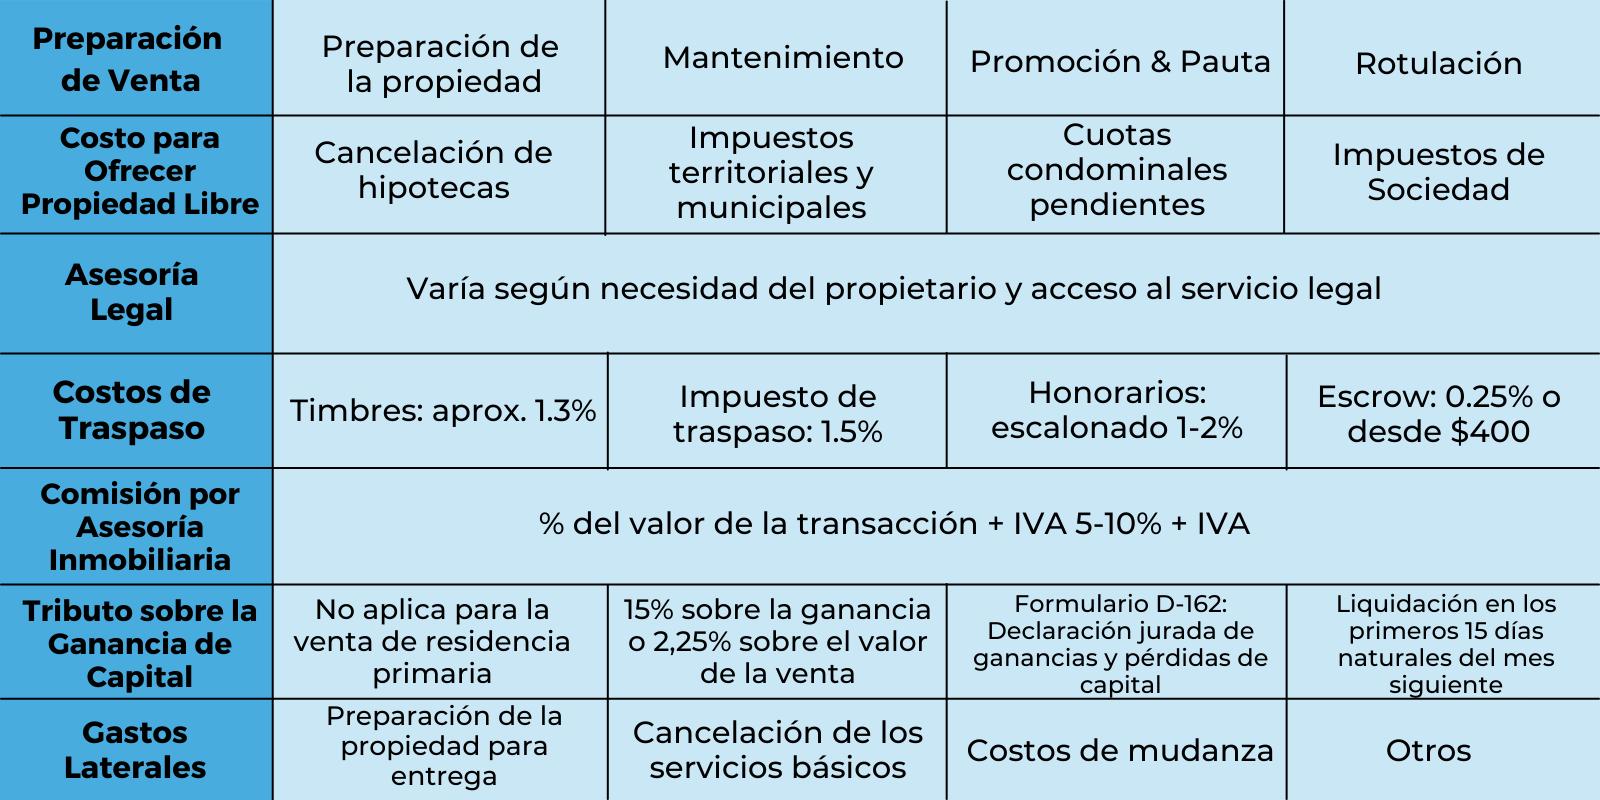 costos transacción propietario